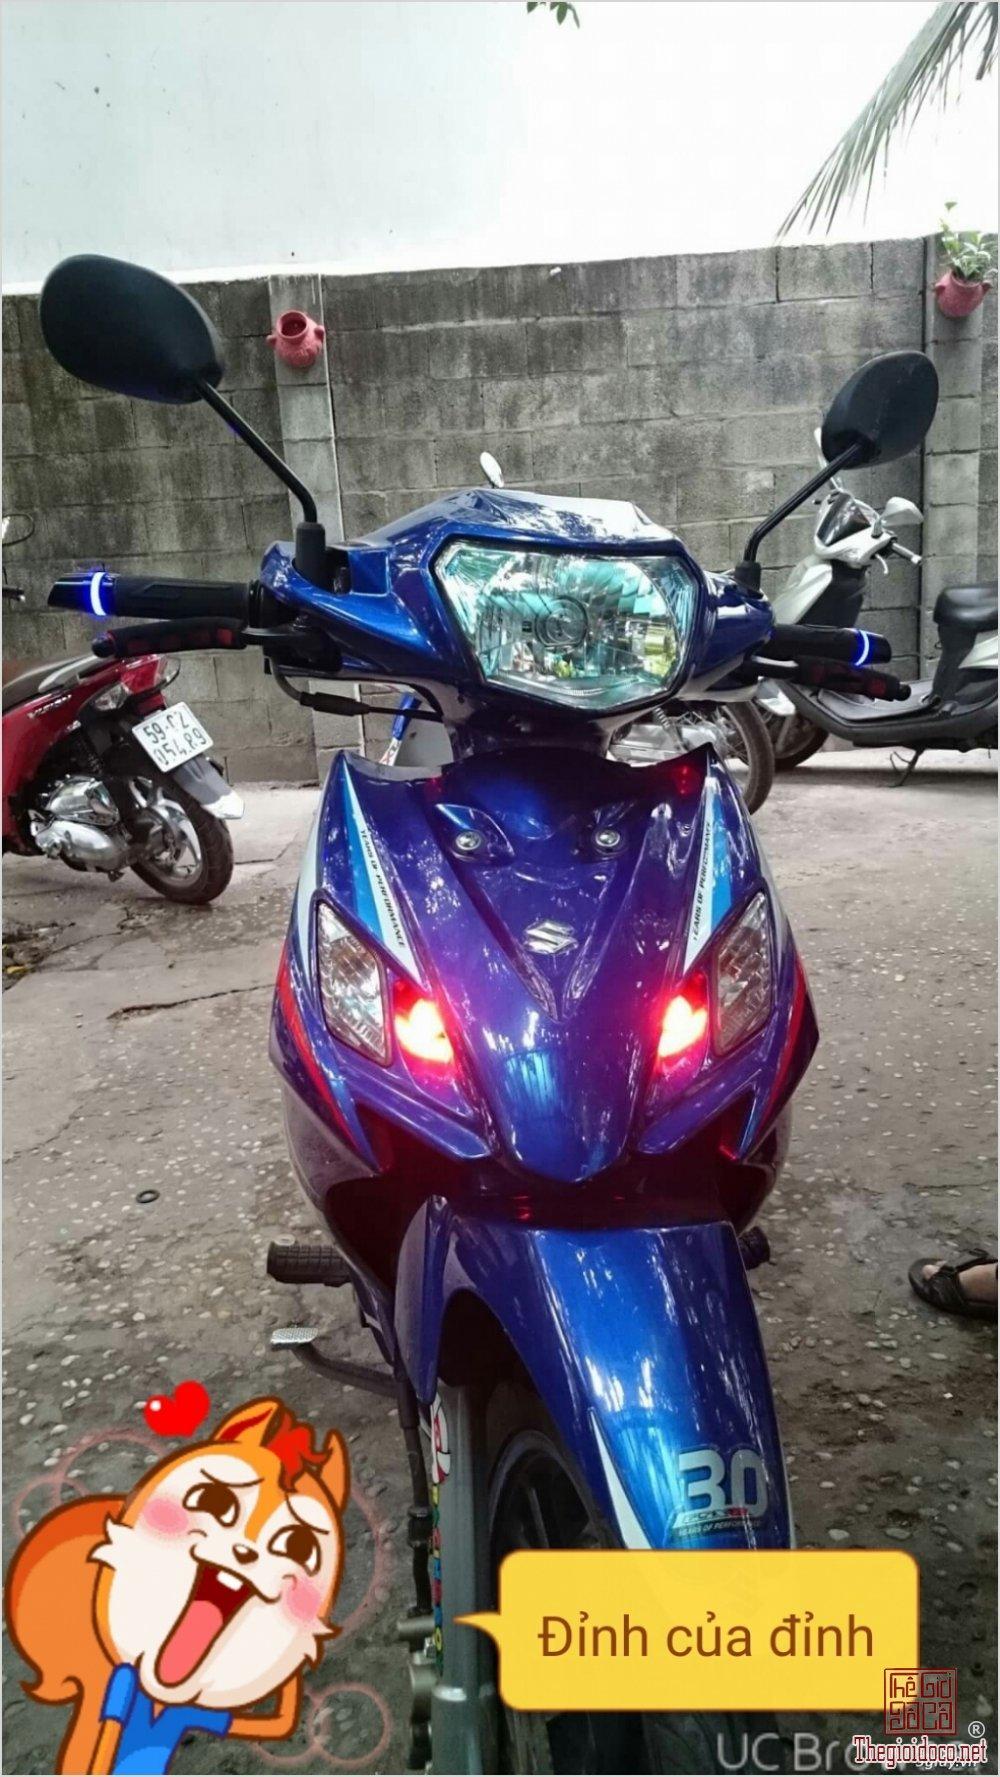 Suzuki axelo 125cc (1).jpg